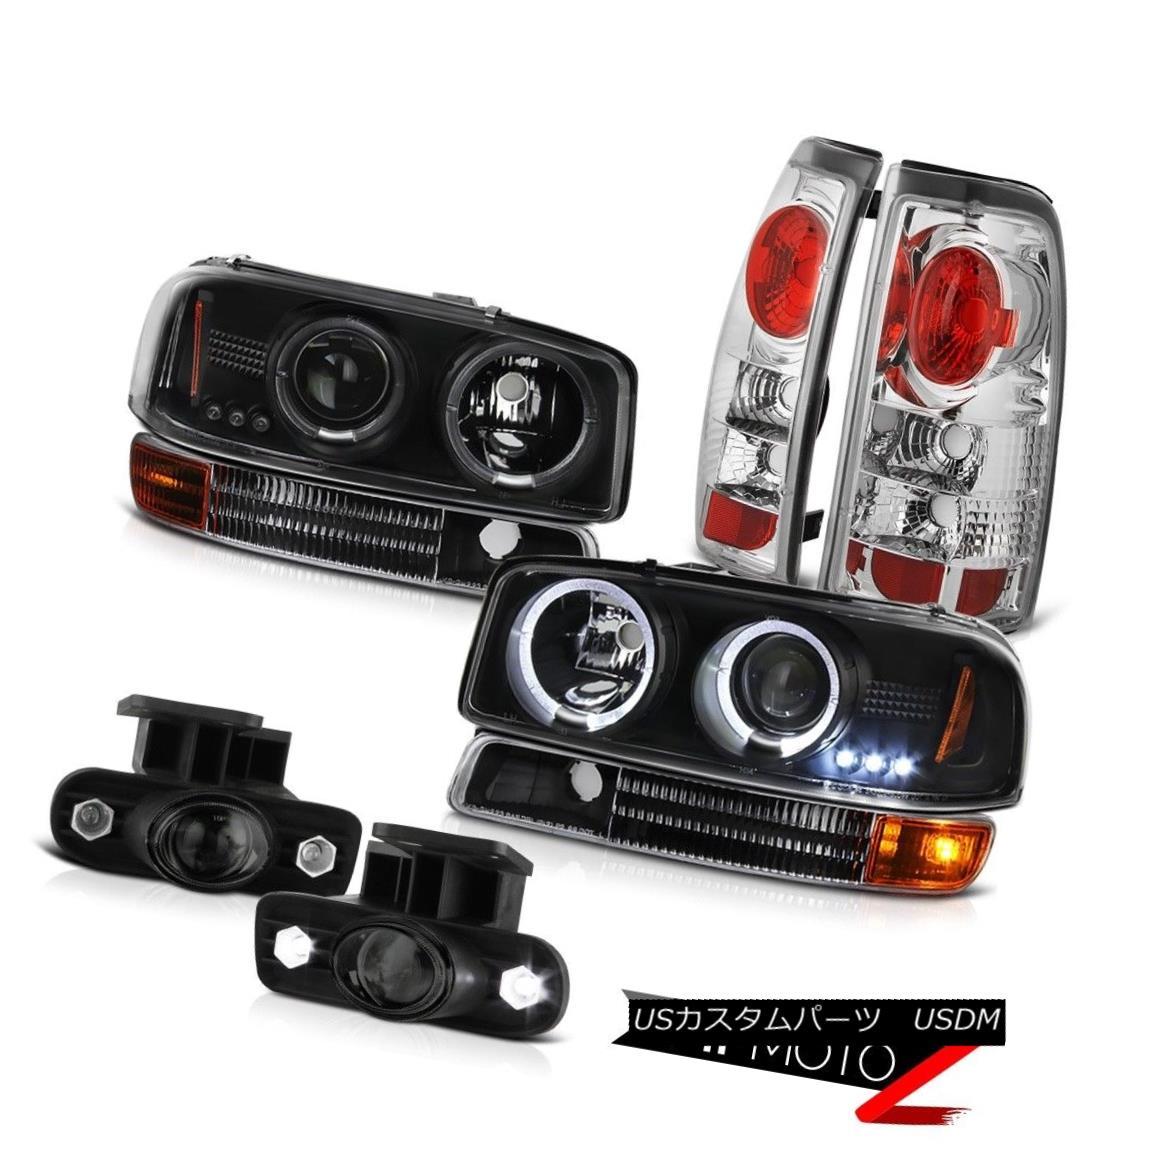 テールライト 1999-2003 Sierra SL Black Angel Eye Headlights Brake Lamps Projector Tinted Fog 1999-2003シエラSLブラックエンジェルアイヘッドライトブレーキランププロジェクター着色霧